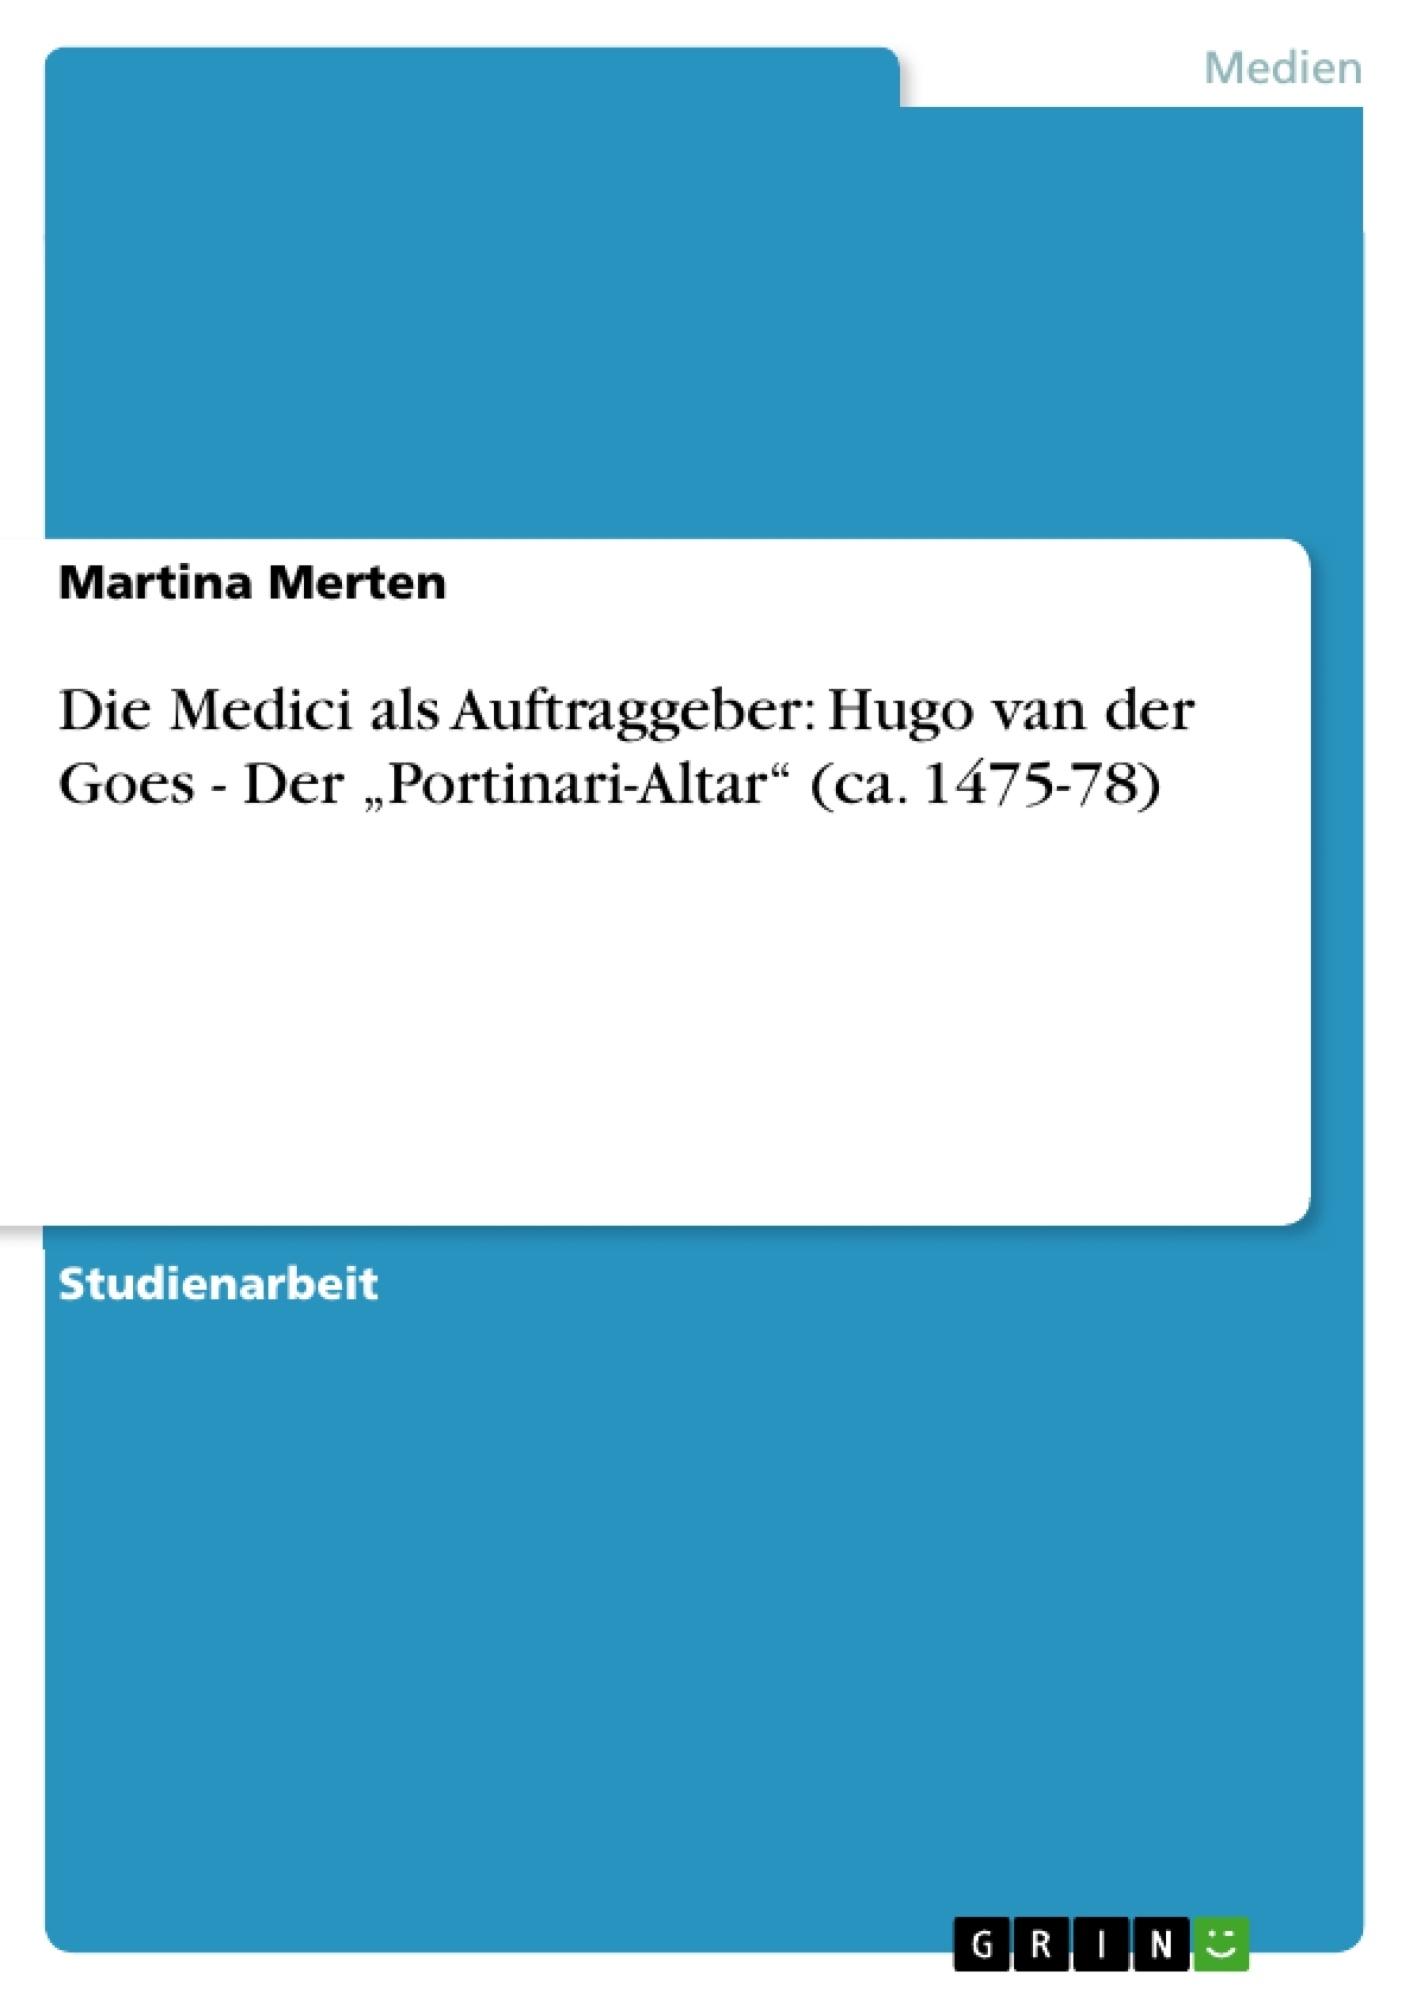 """Titel: Die Medici als Auftraggeber: Hugo van der Goes - Der """"Portinari-Altar"""" (ca. 1475-78)"""